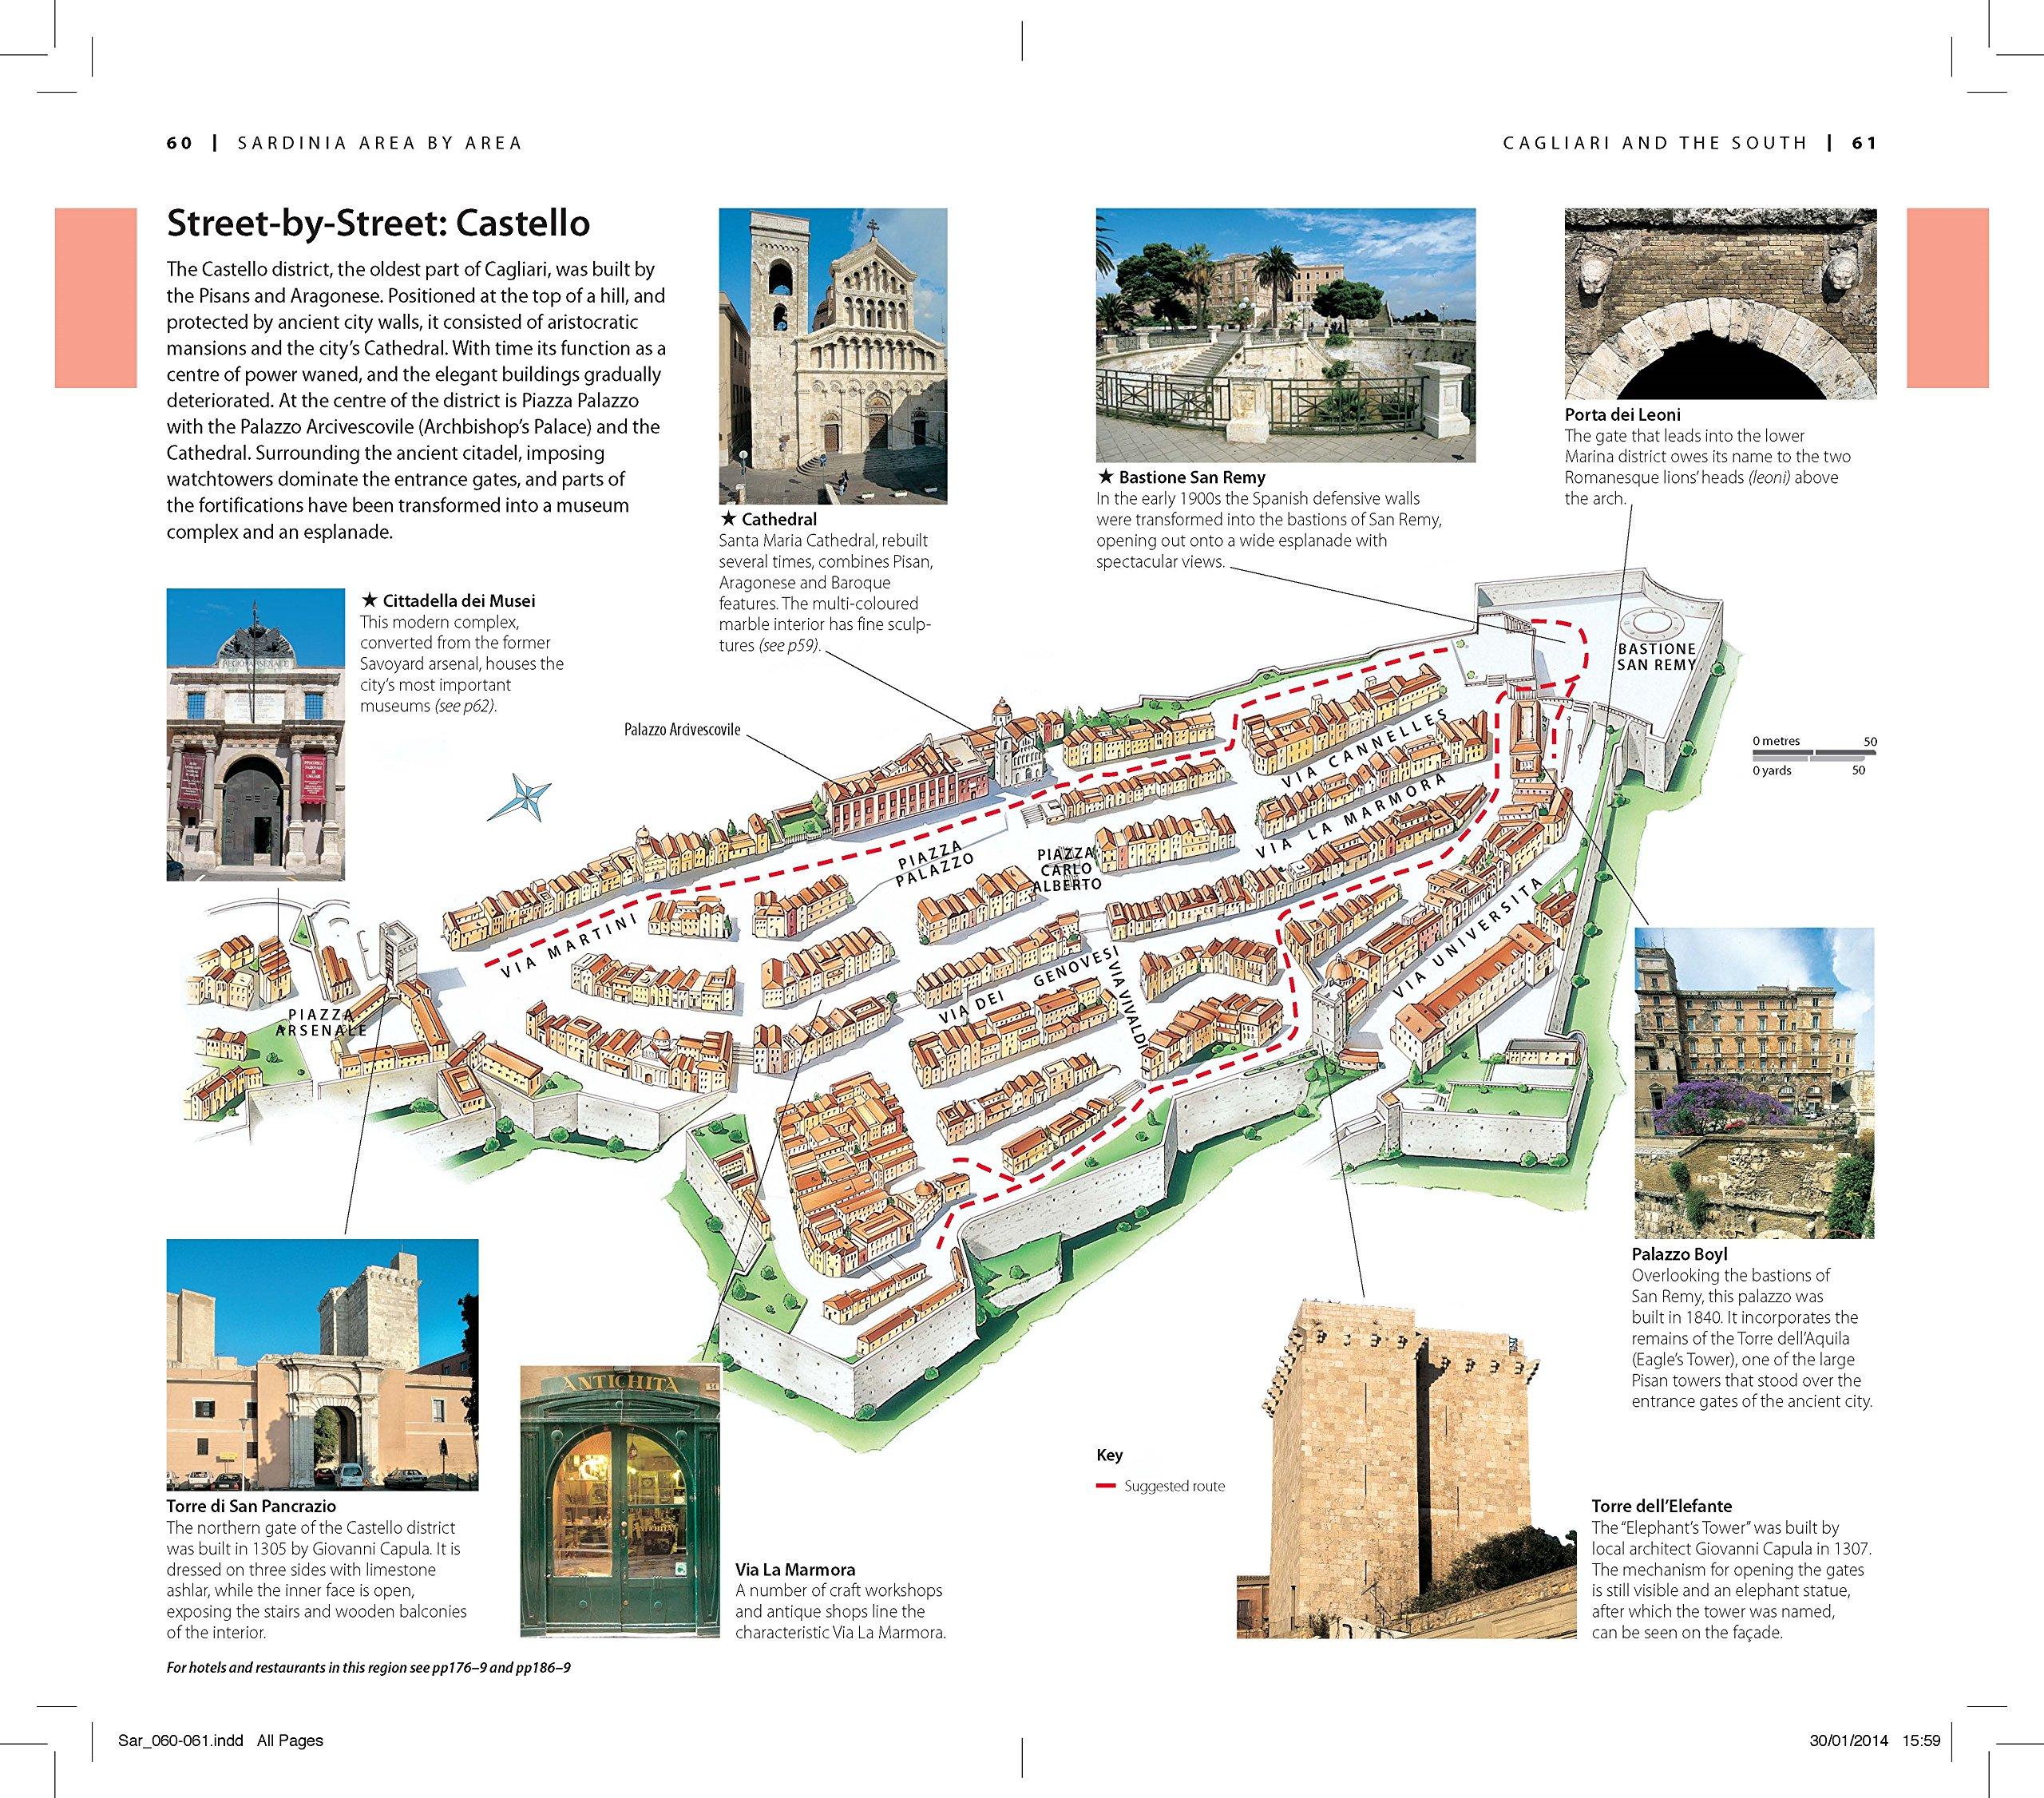 DK Eyewitness Travel Guide Sardinia Amazoncouk DK 9781409329565